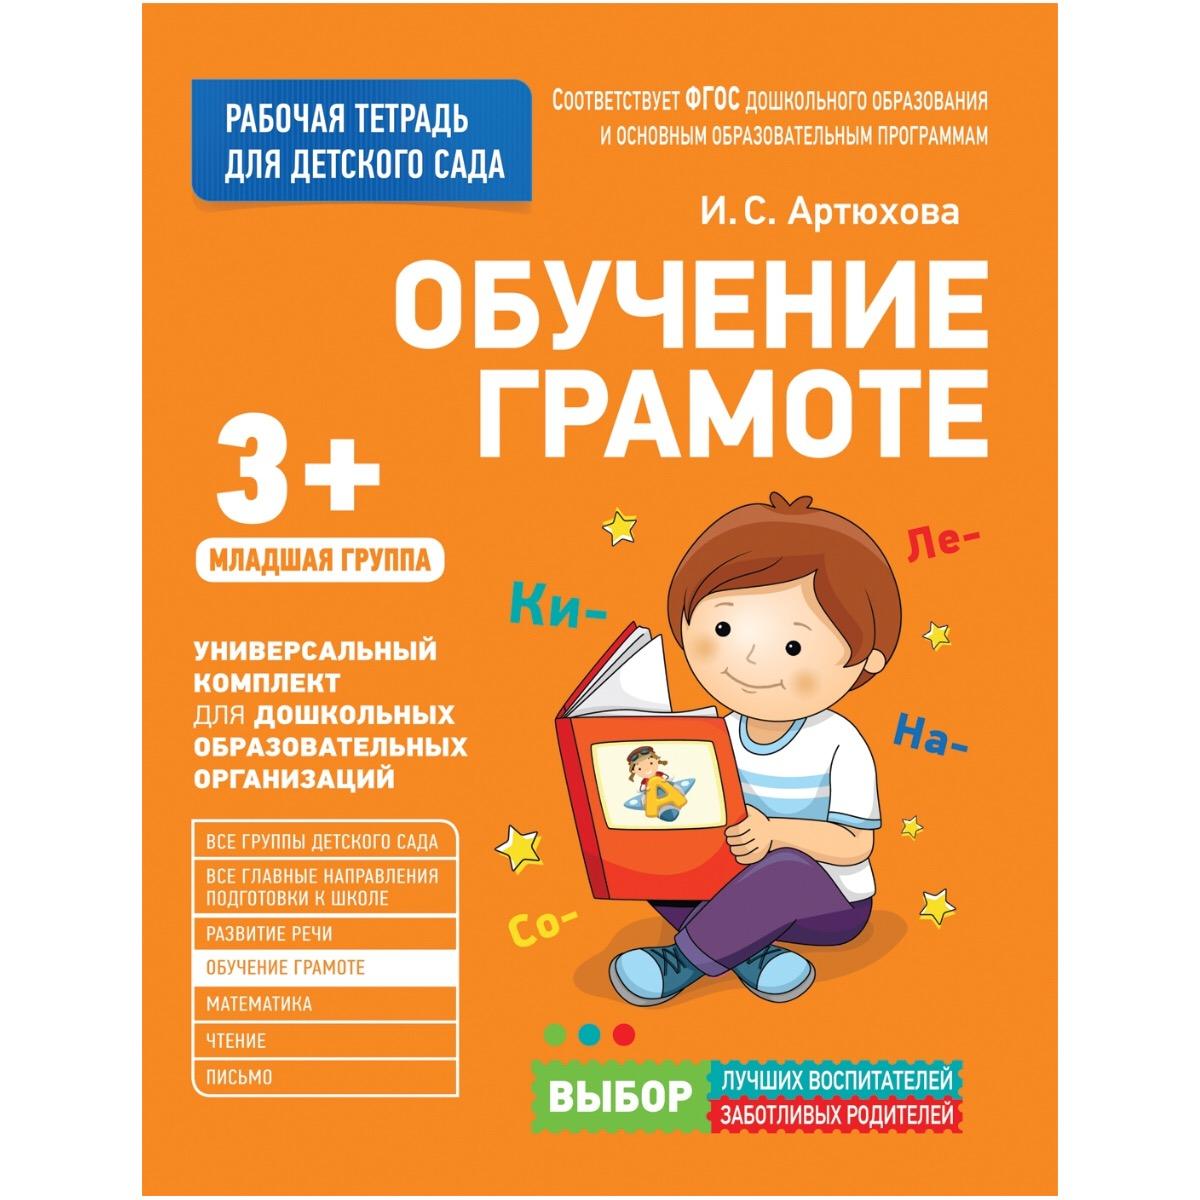 Рабочая тетрадь для детского сада. Обучение грамоте. Младшая группаОбучающие книги и задания<br>Рабочая тетрадь для детского сада. Обучение грамоте. Младшая группа<br>